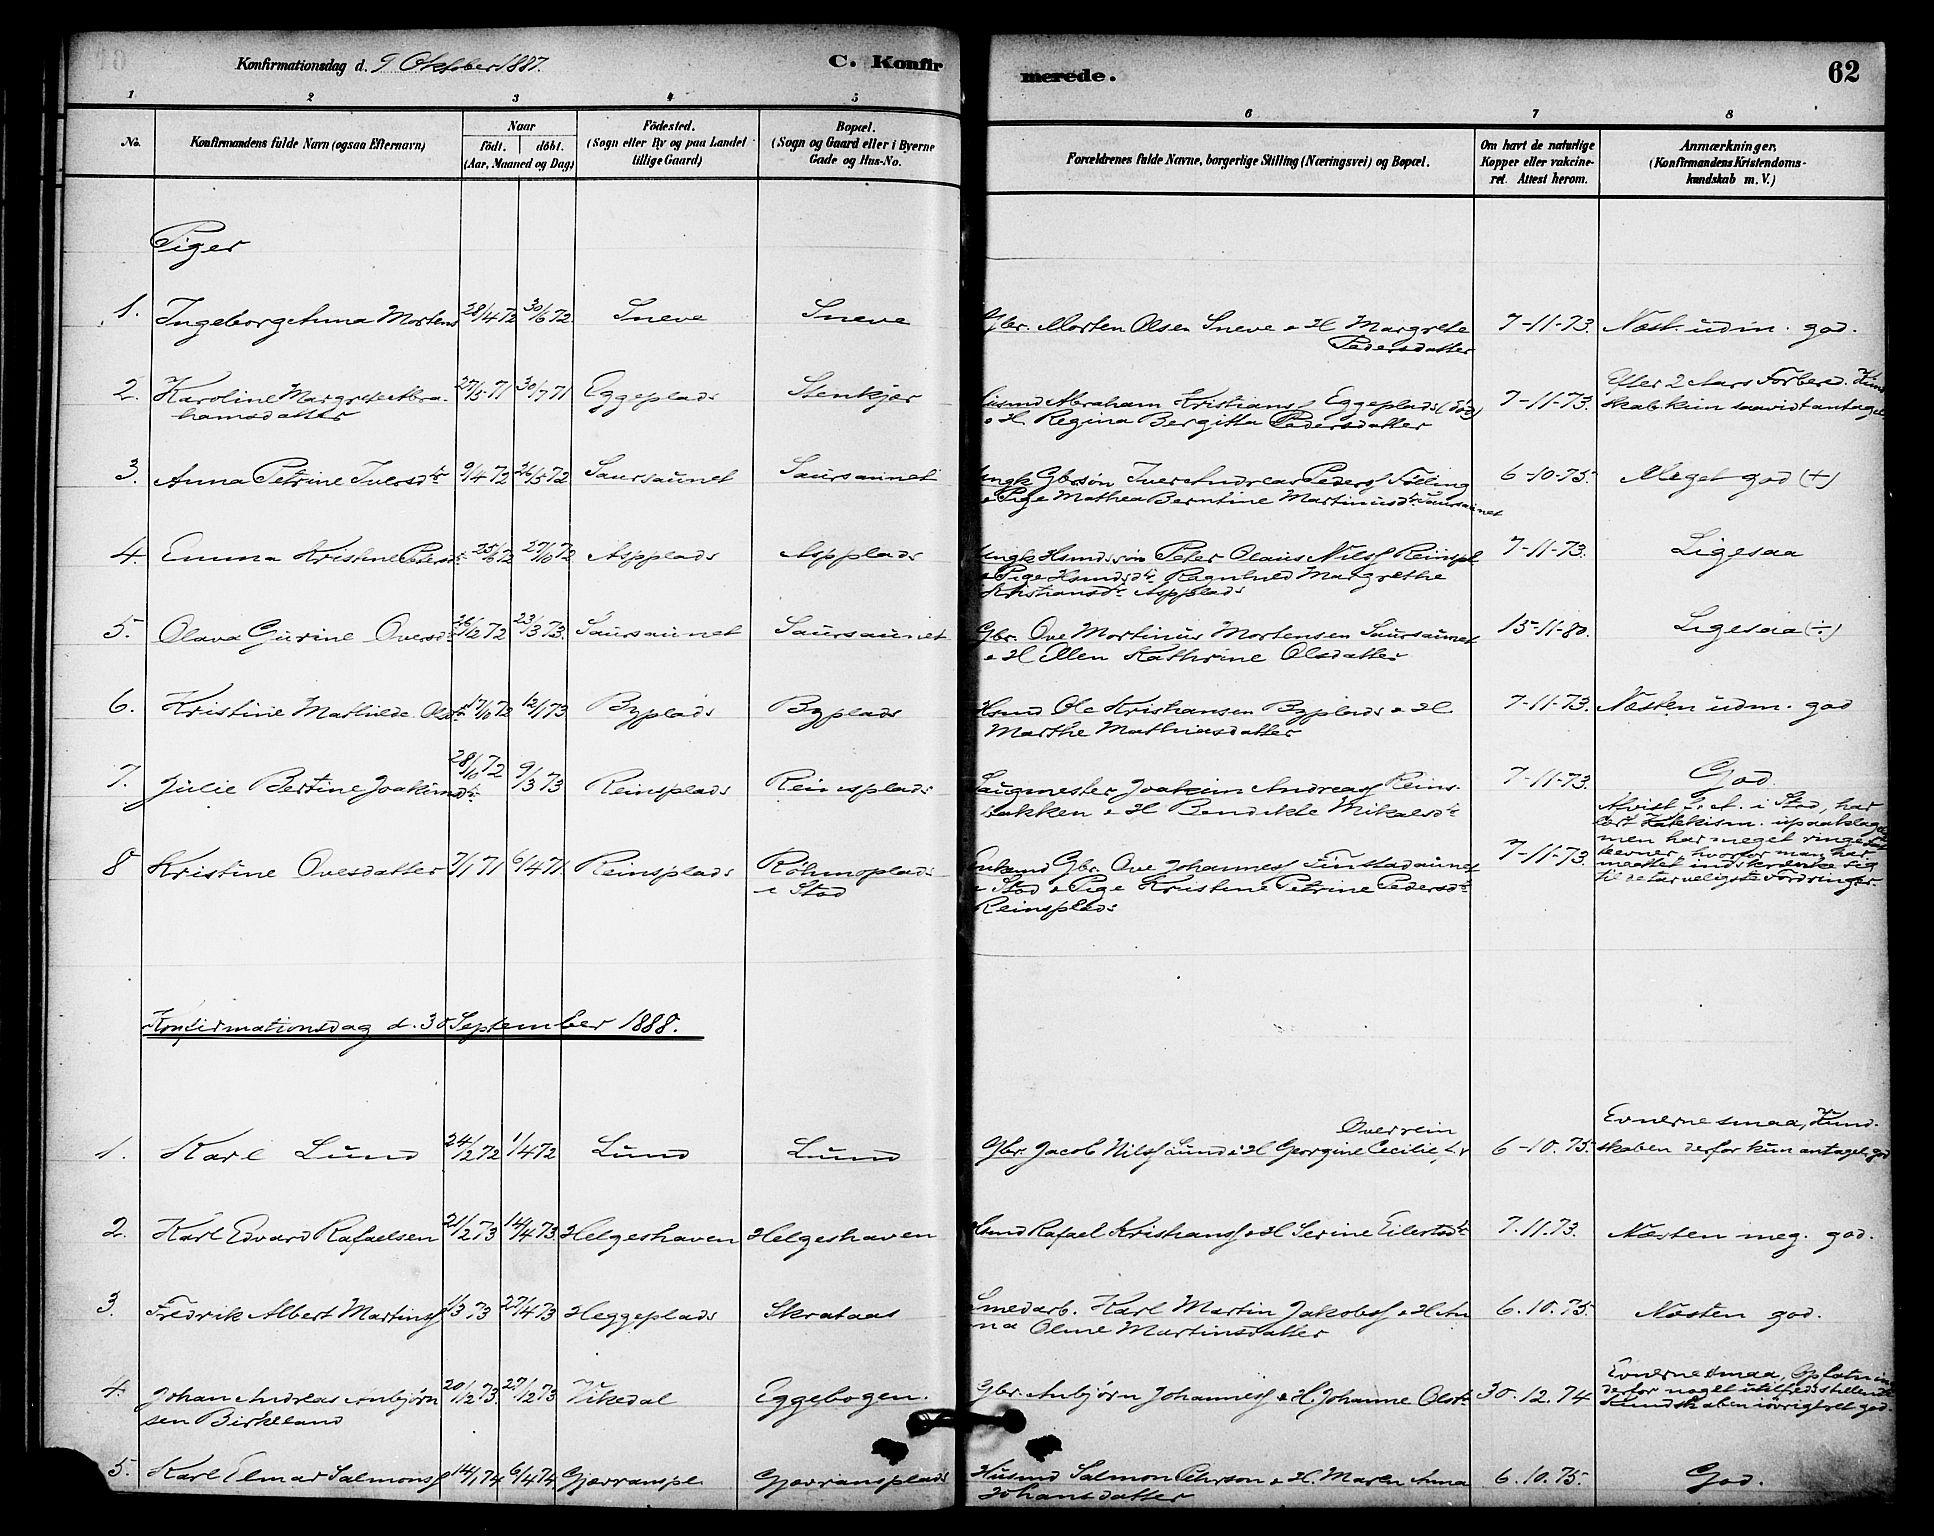 SAT, Ministerialprotokoller, klokkerbøker og fødselsregistre - Nord-Trøndelag, 740/L0378: Ministerialbok nr. 740A01, 1881-1895, s. 62